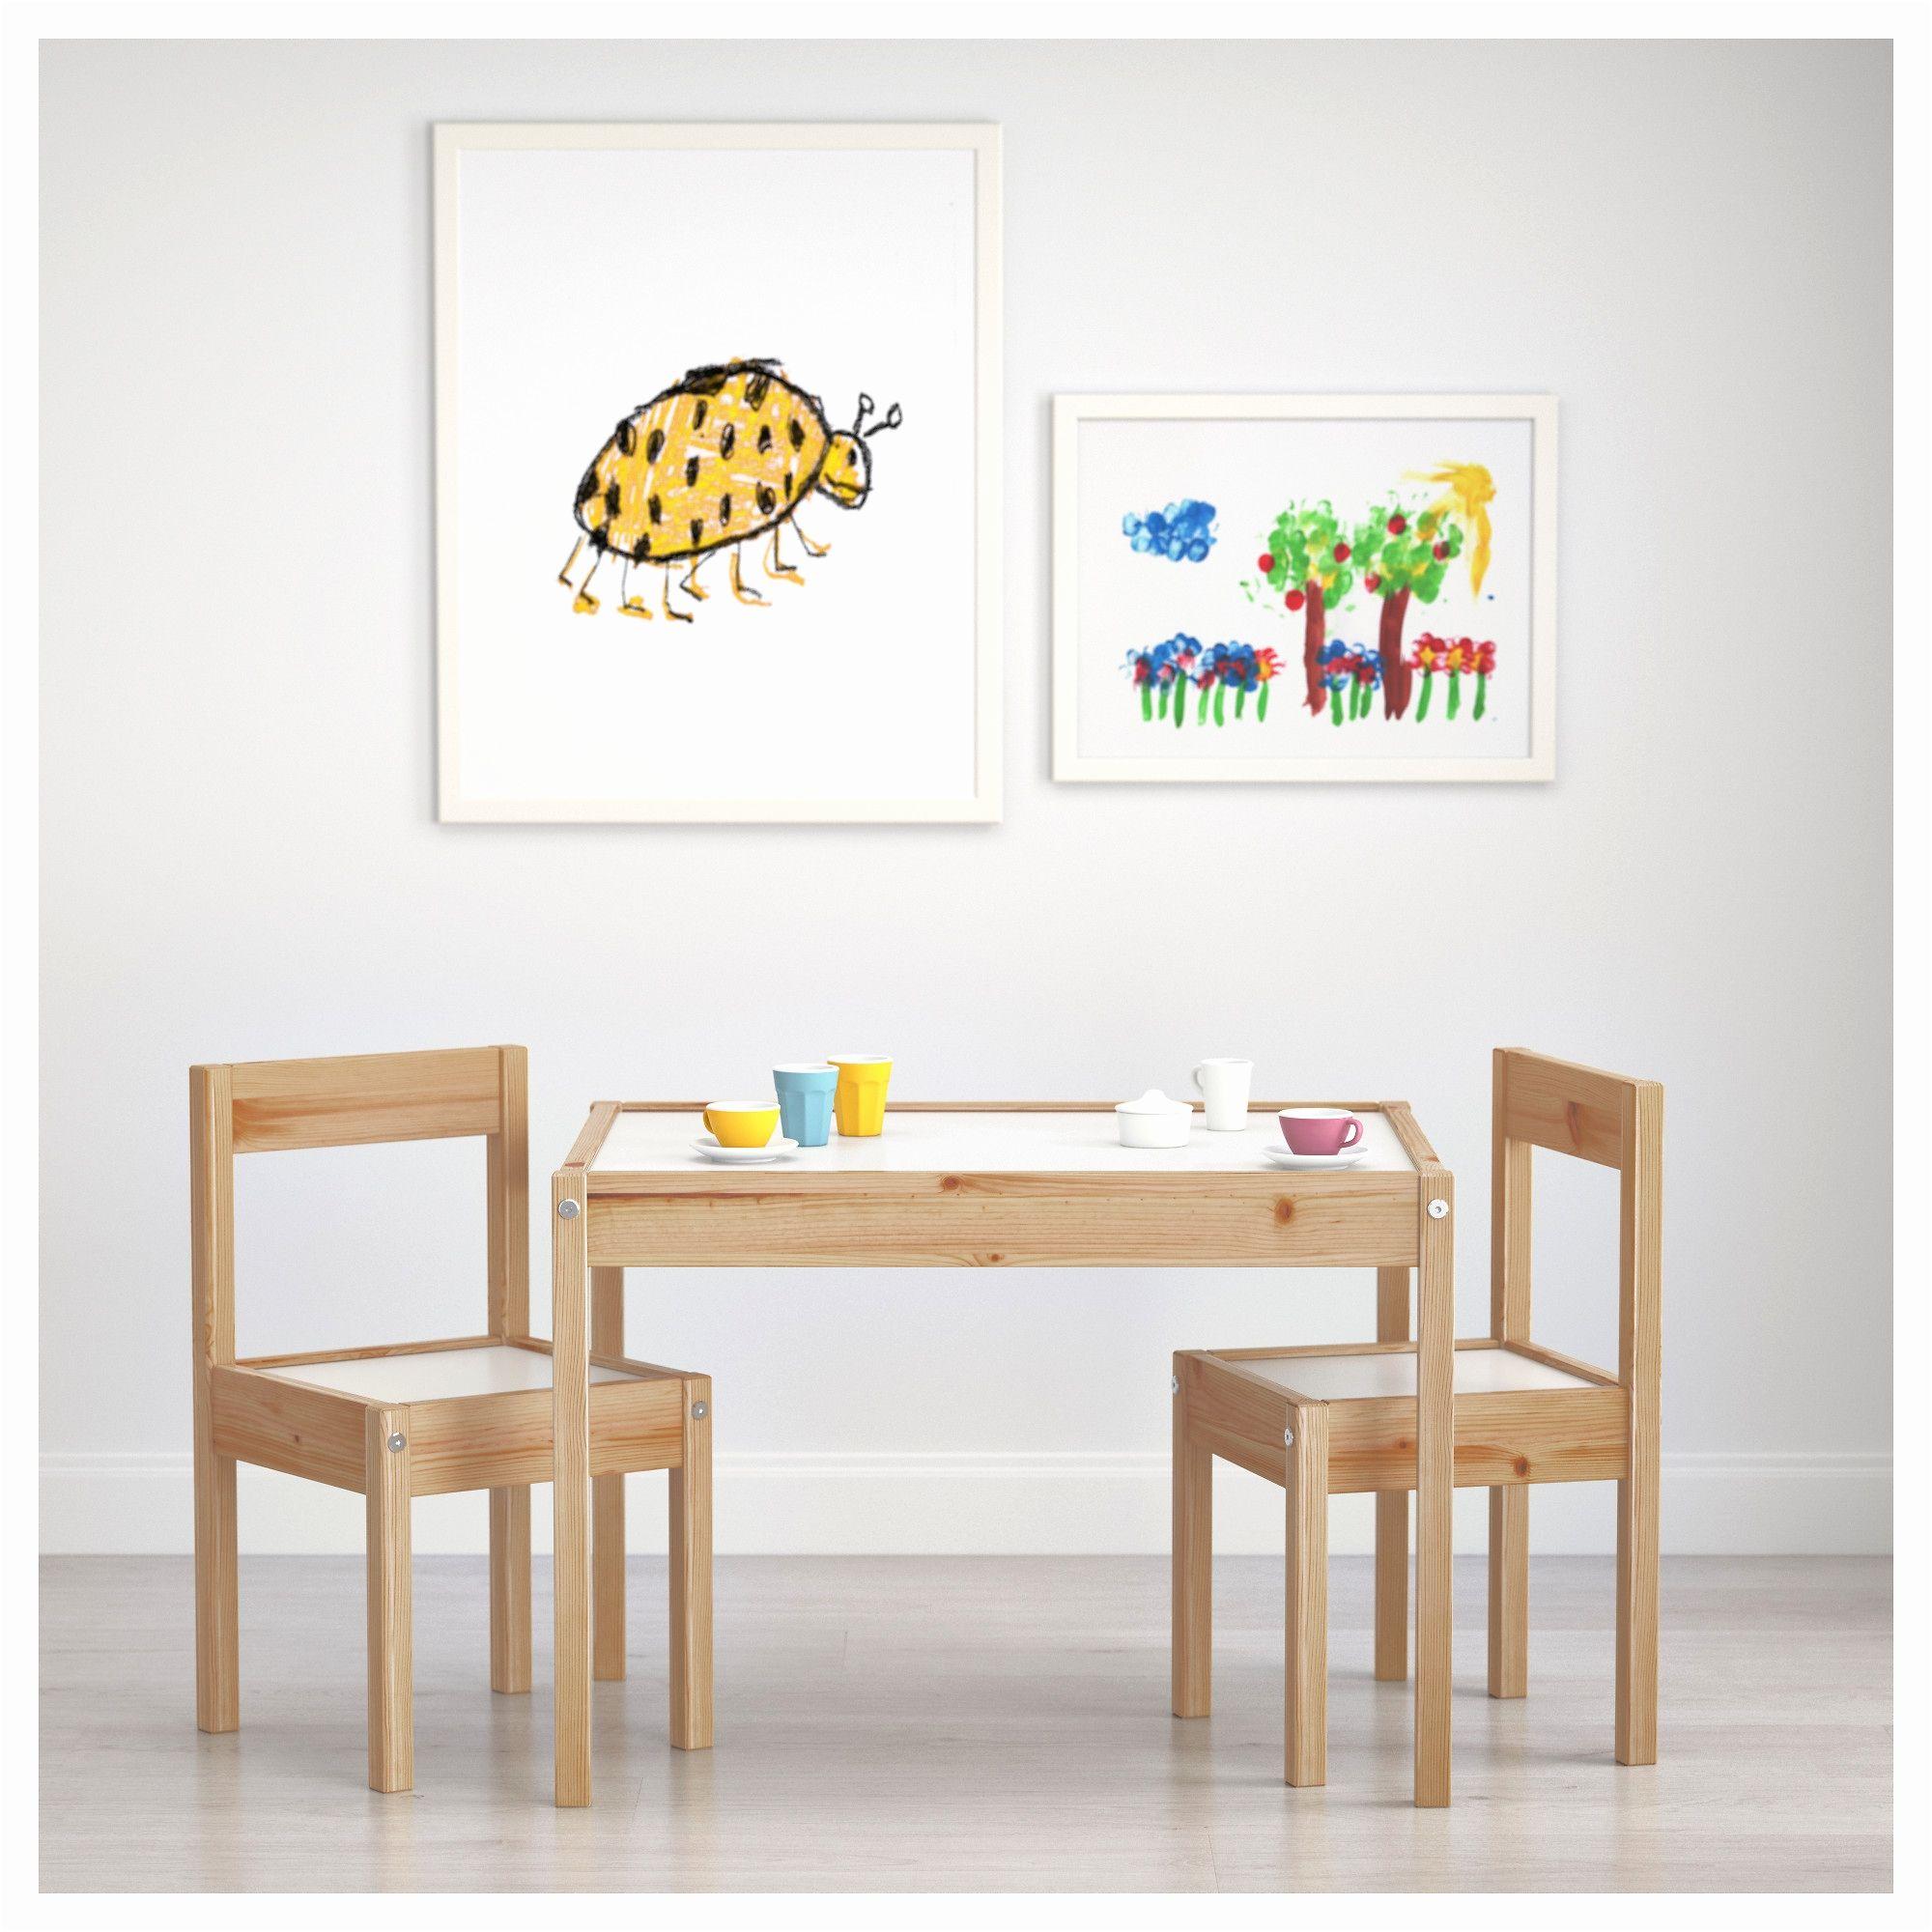 Ikea Schreibtisch Stühle 2021